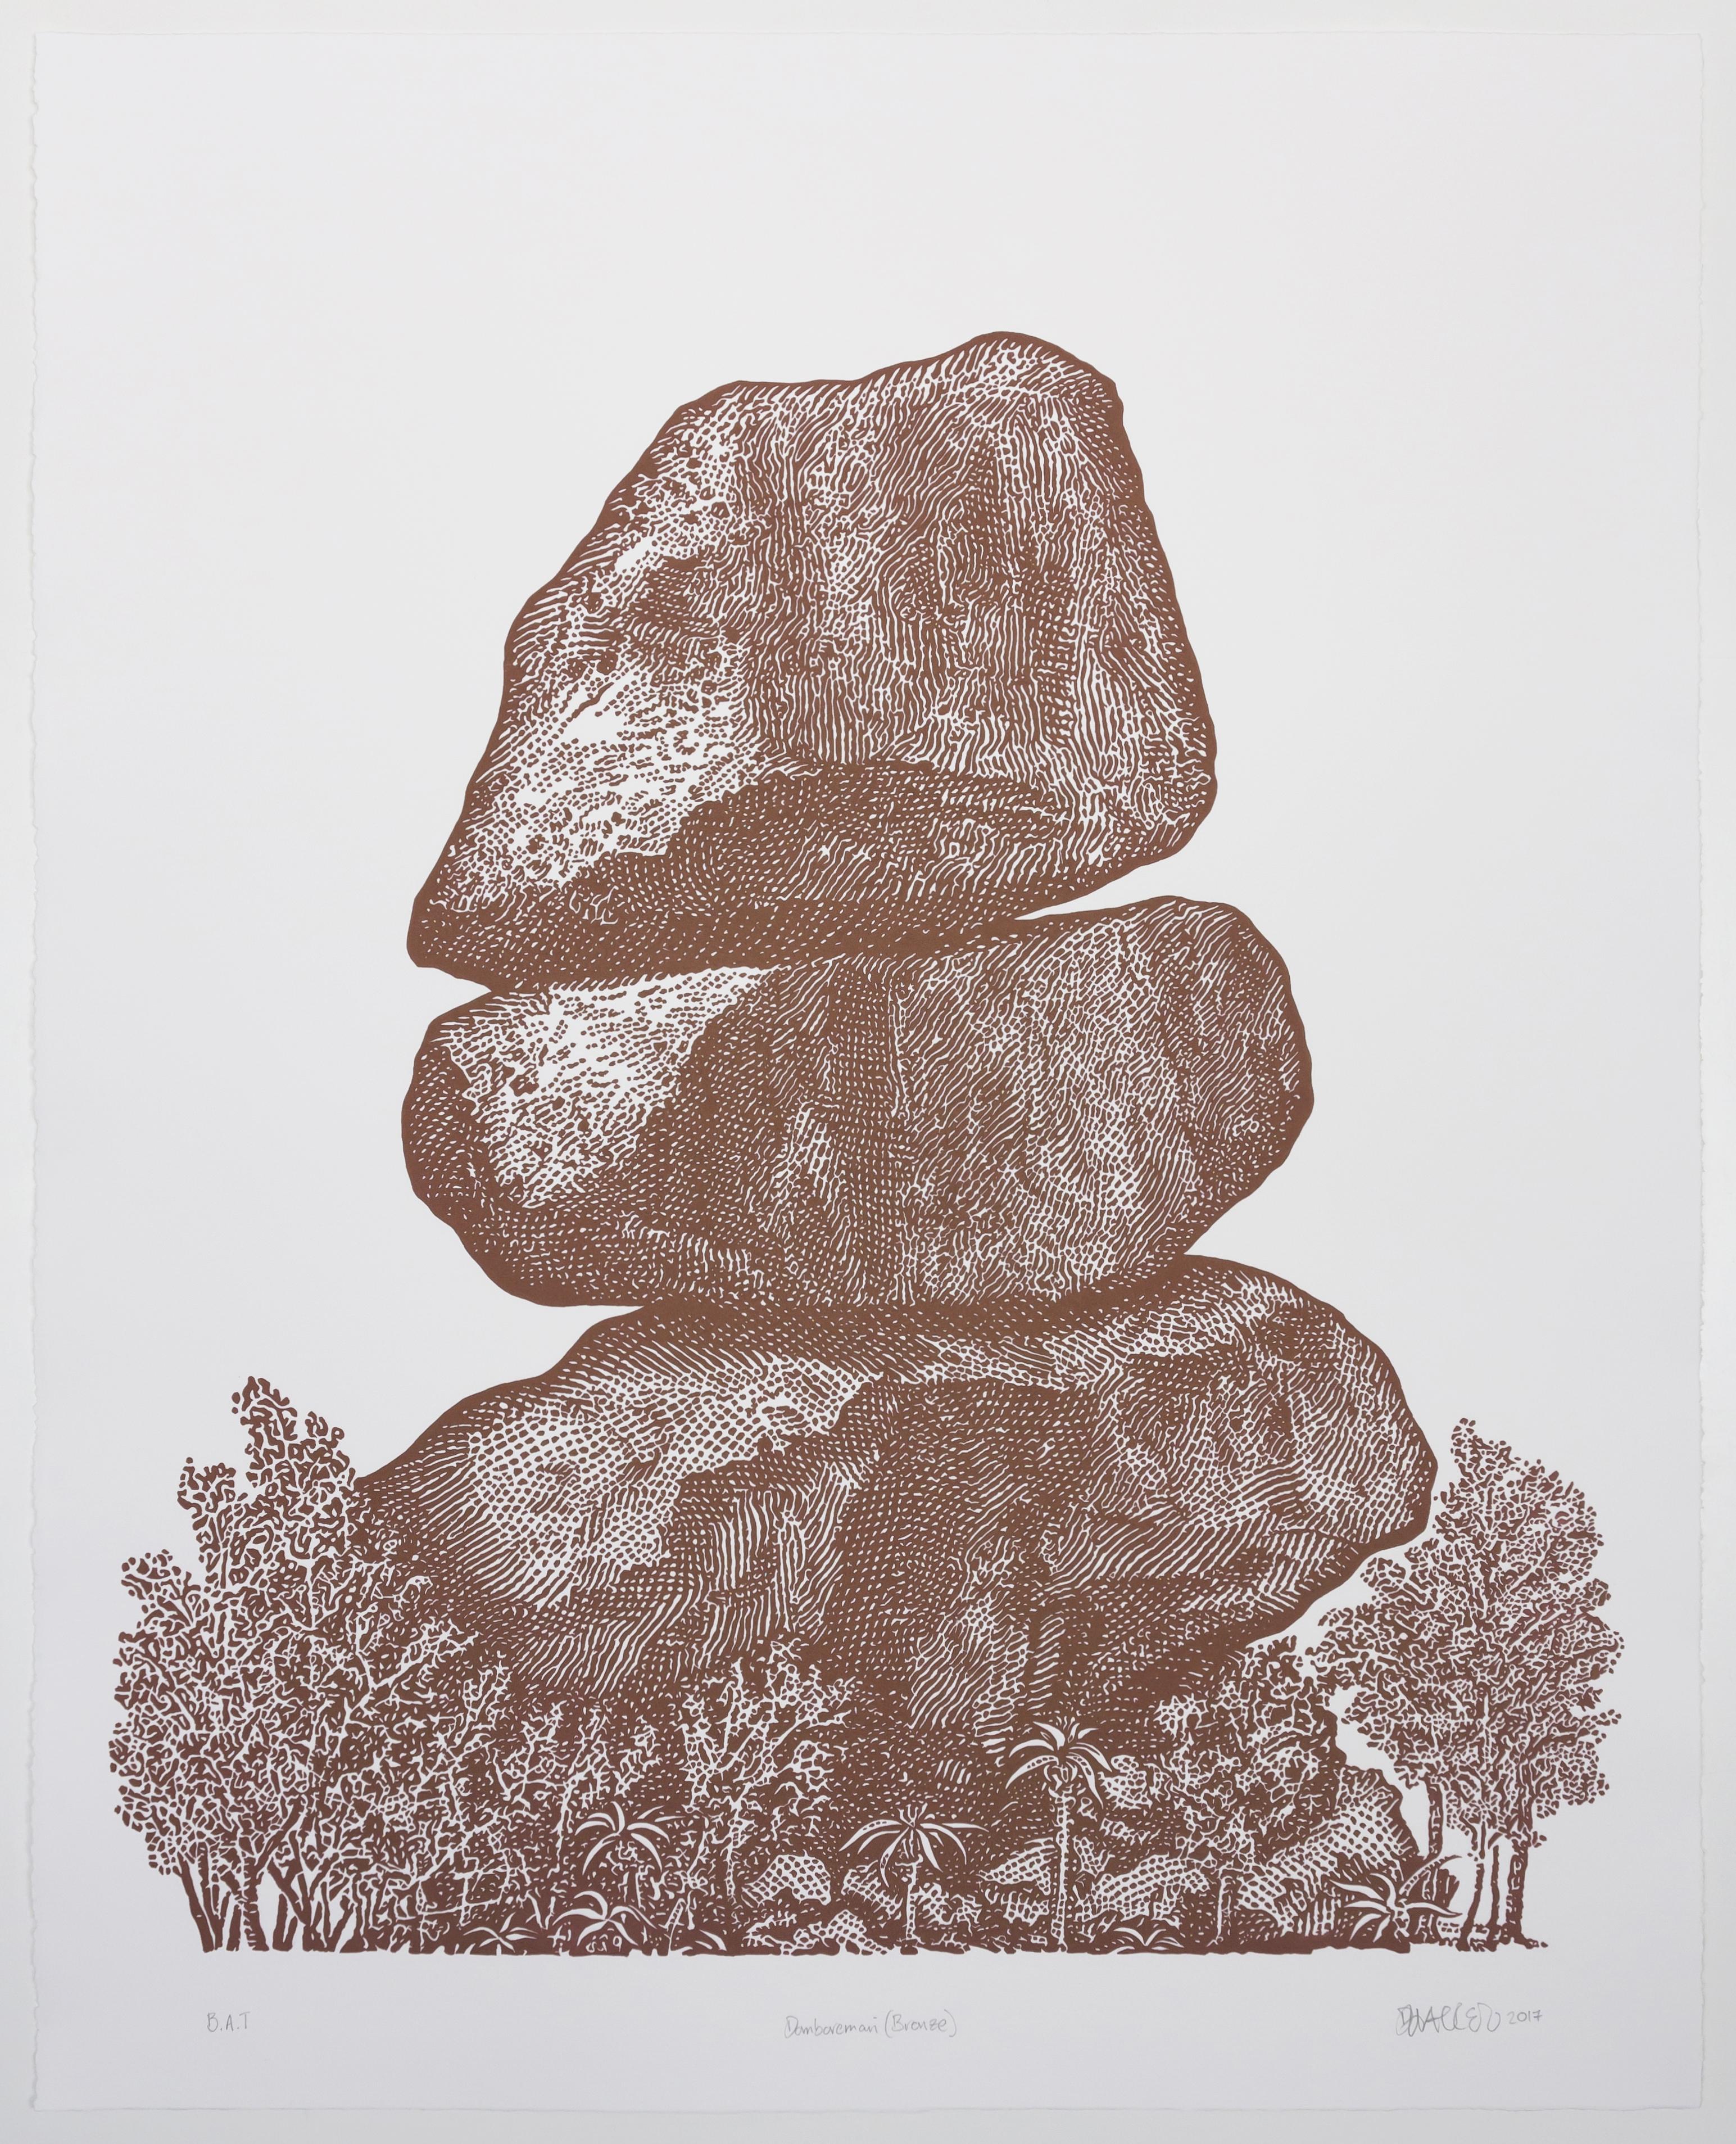 Dan Halter, Prints